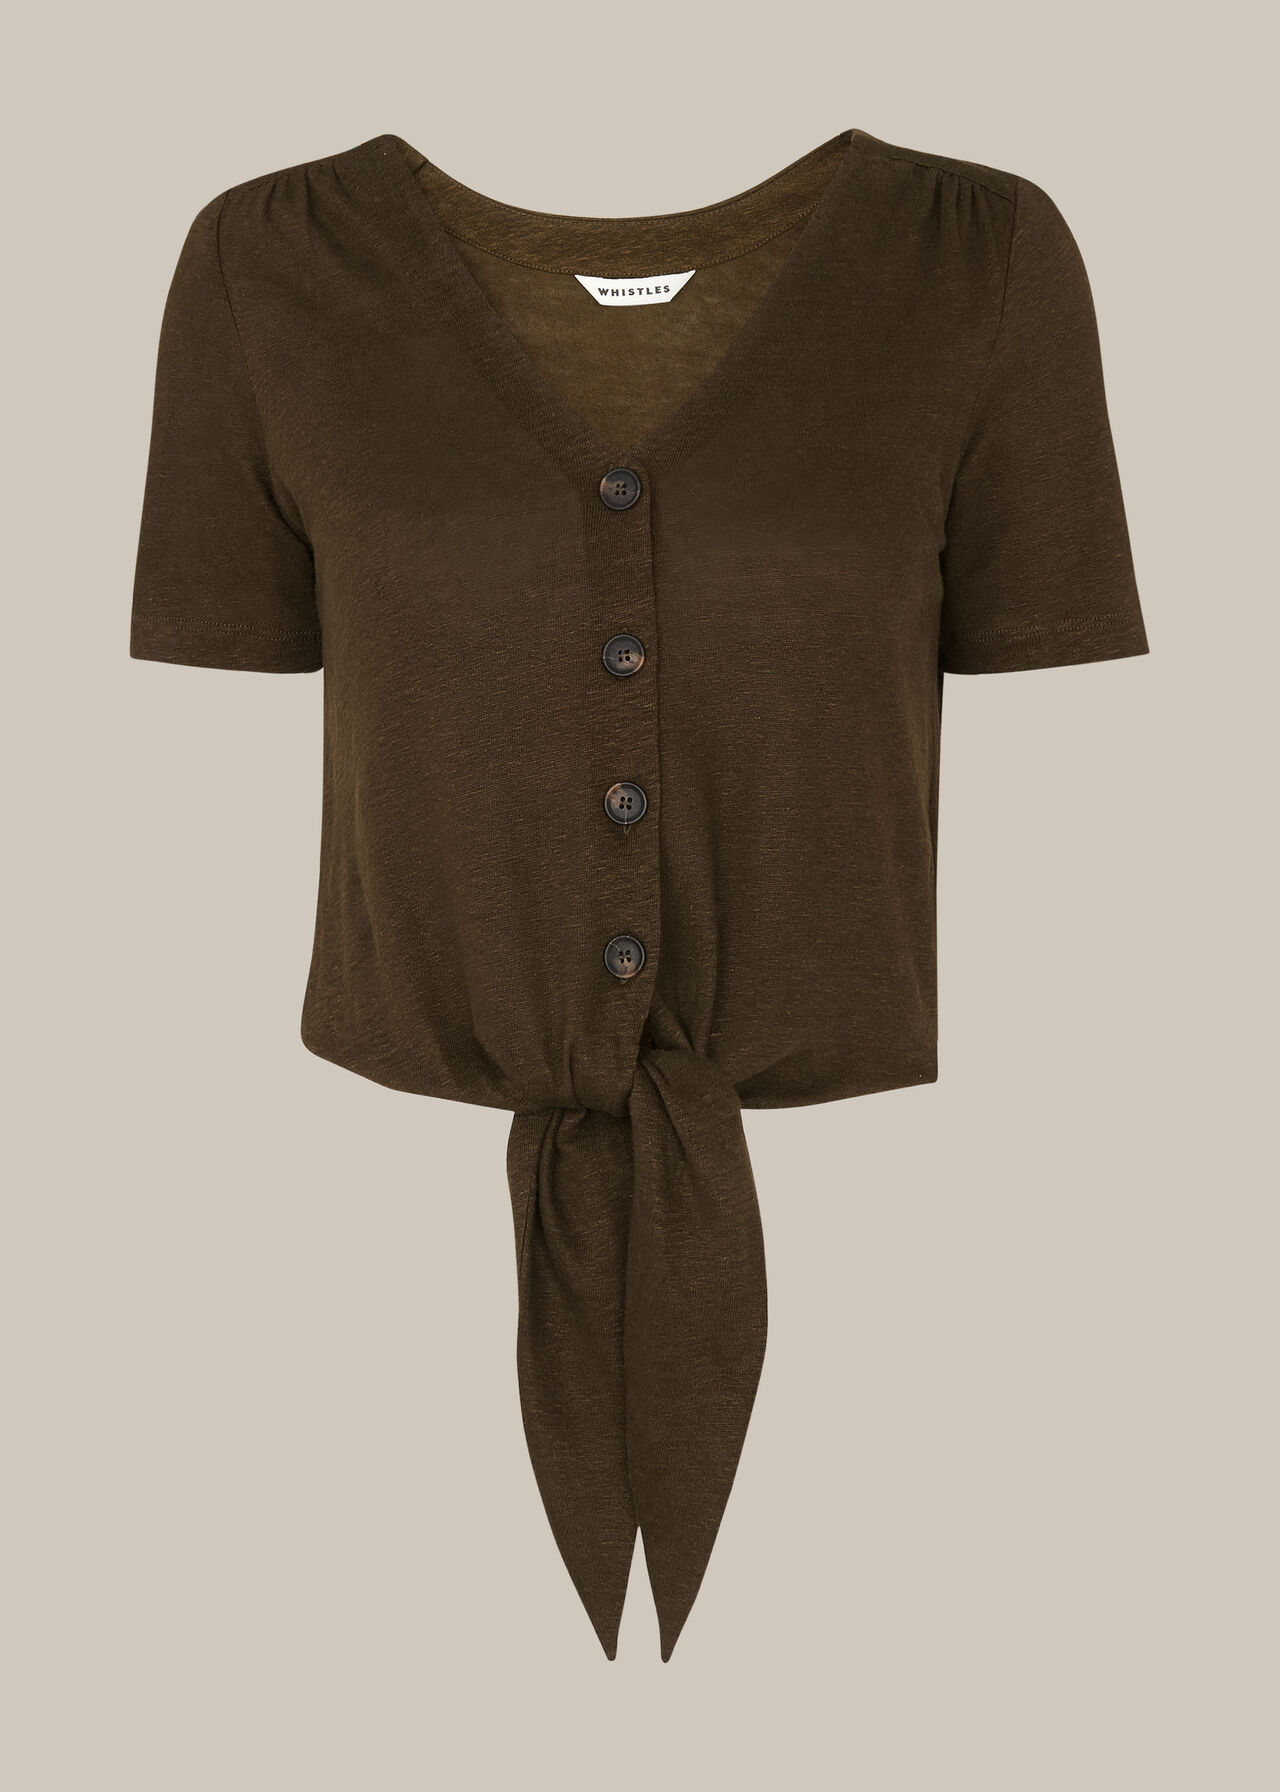 Linen Button Front Tie Top Khaki